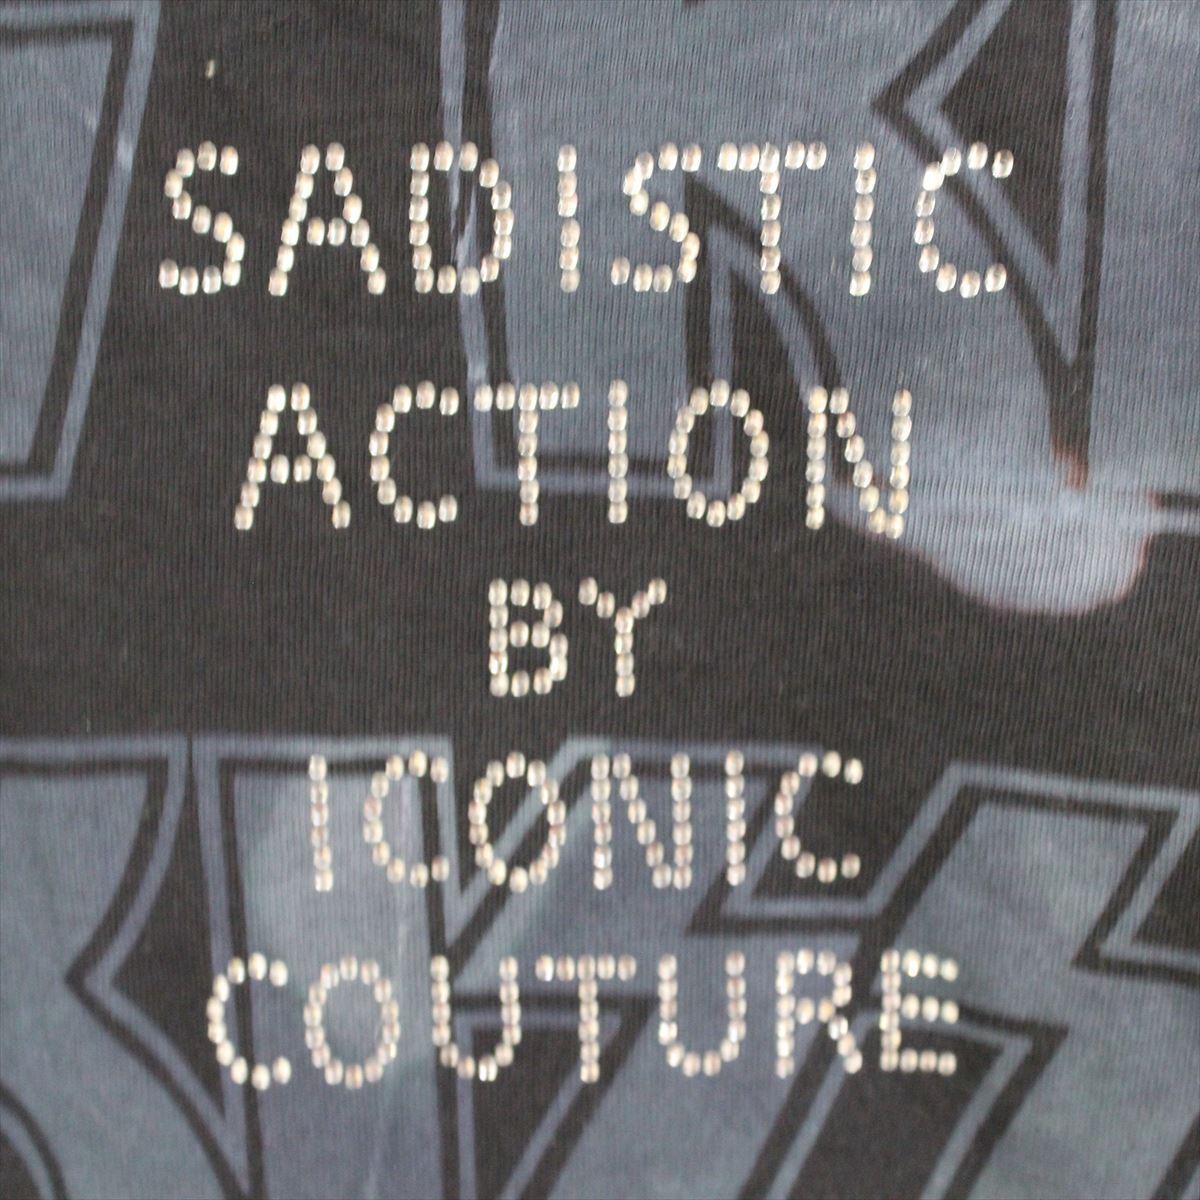 サディスティックアクション SADISTIC ACTION アイコニック メンズ半袖Tシャツ KISS Lサイズ ICONIC COUTURE 新品_画像5